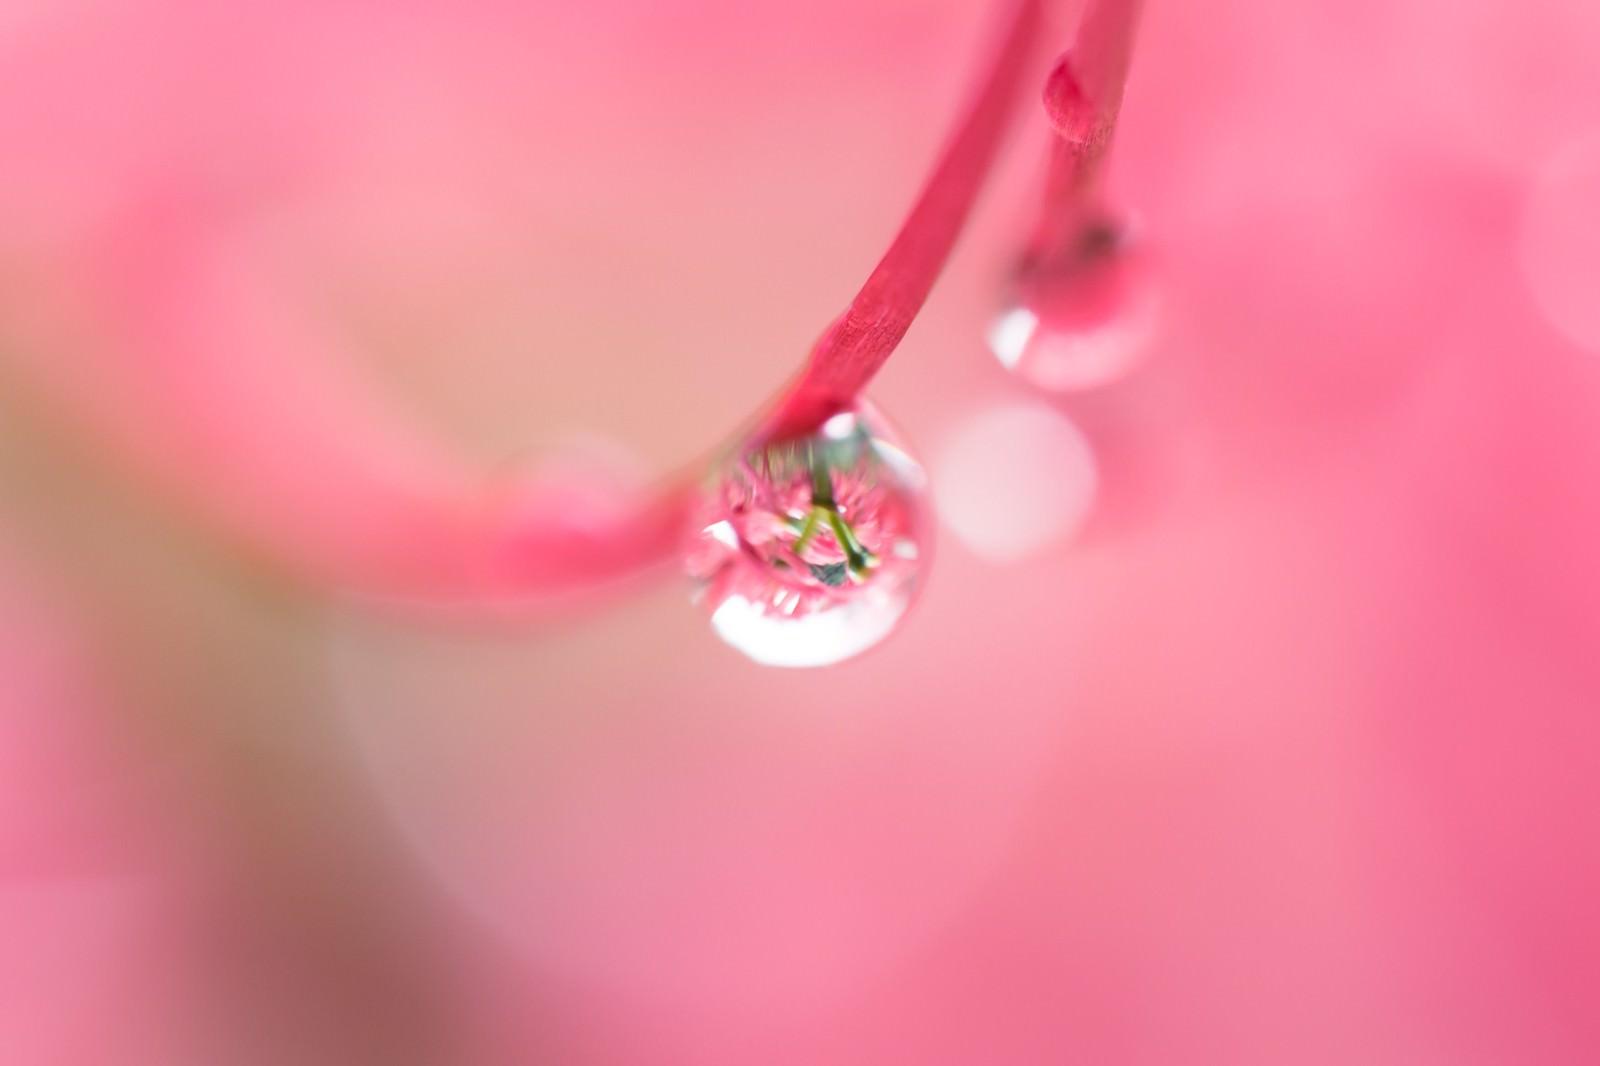 「水滴 | 写真の無料素材・フリー素材 - ぱくたそ」の写真